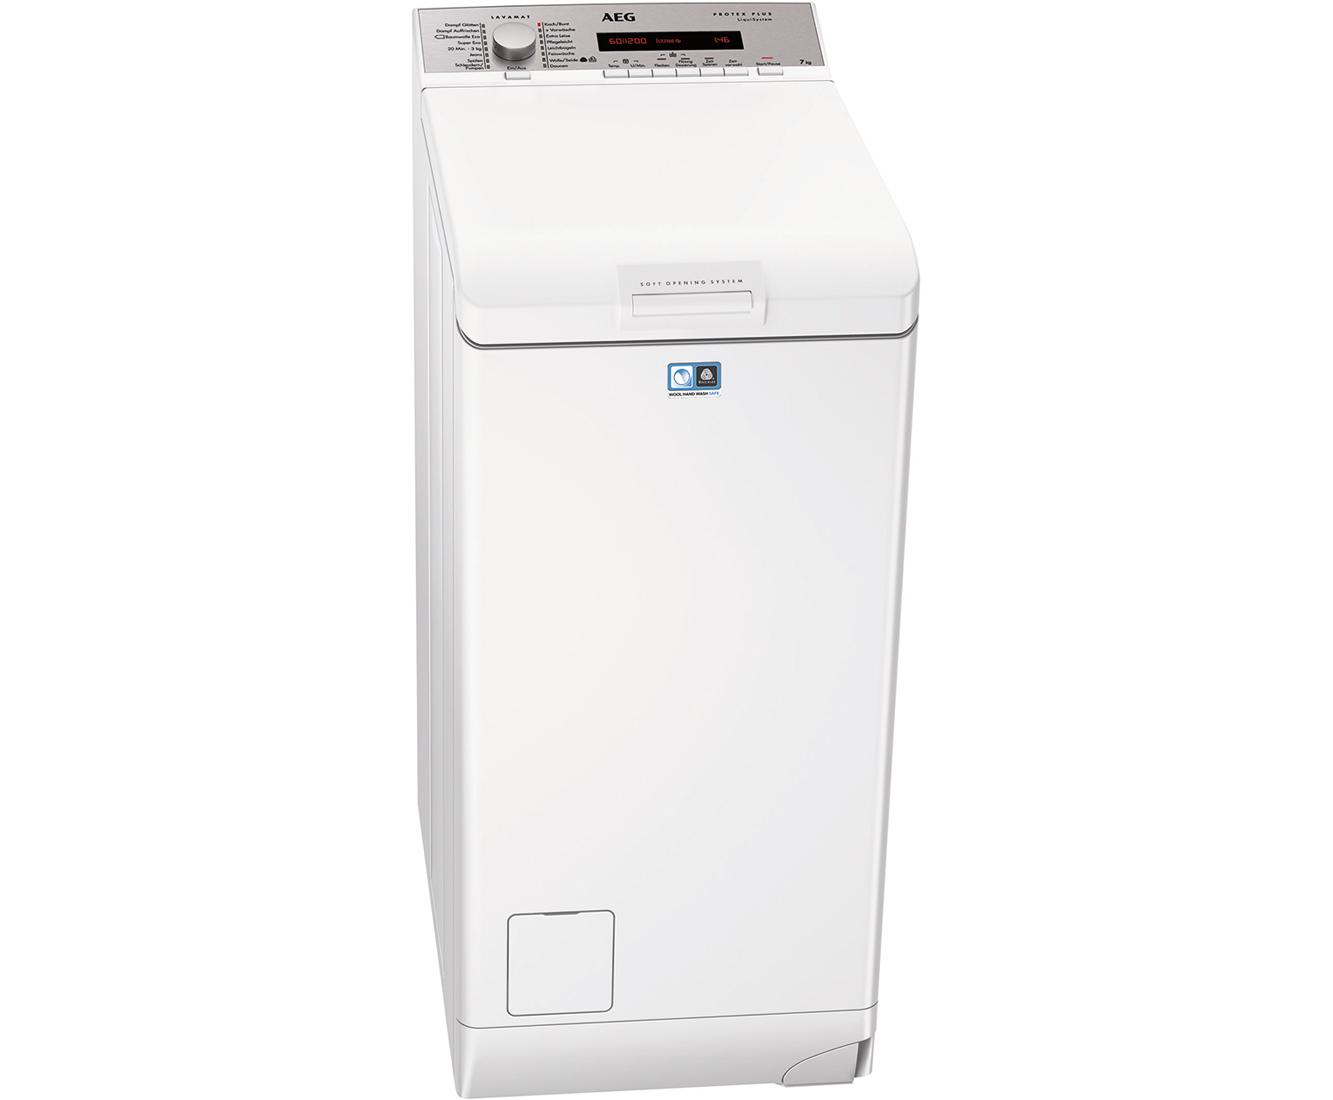 Aeg lavamat l78275tl waschmaschine toplader 7 kg 1200 u min a